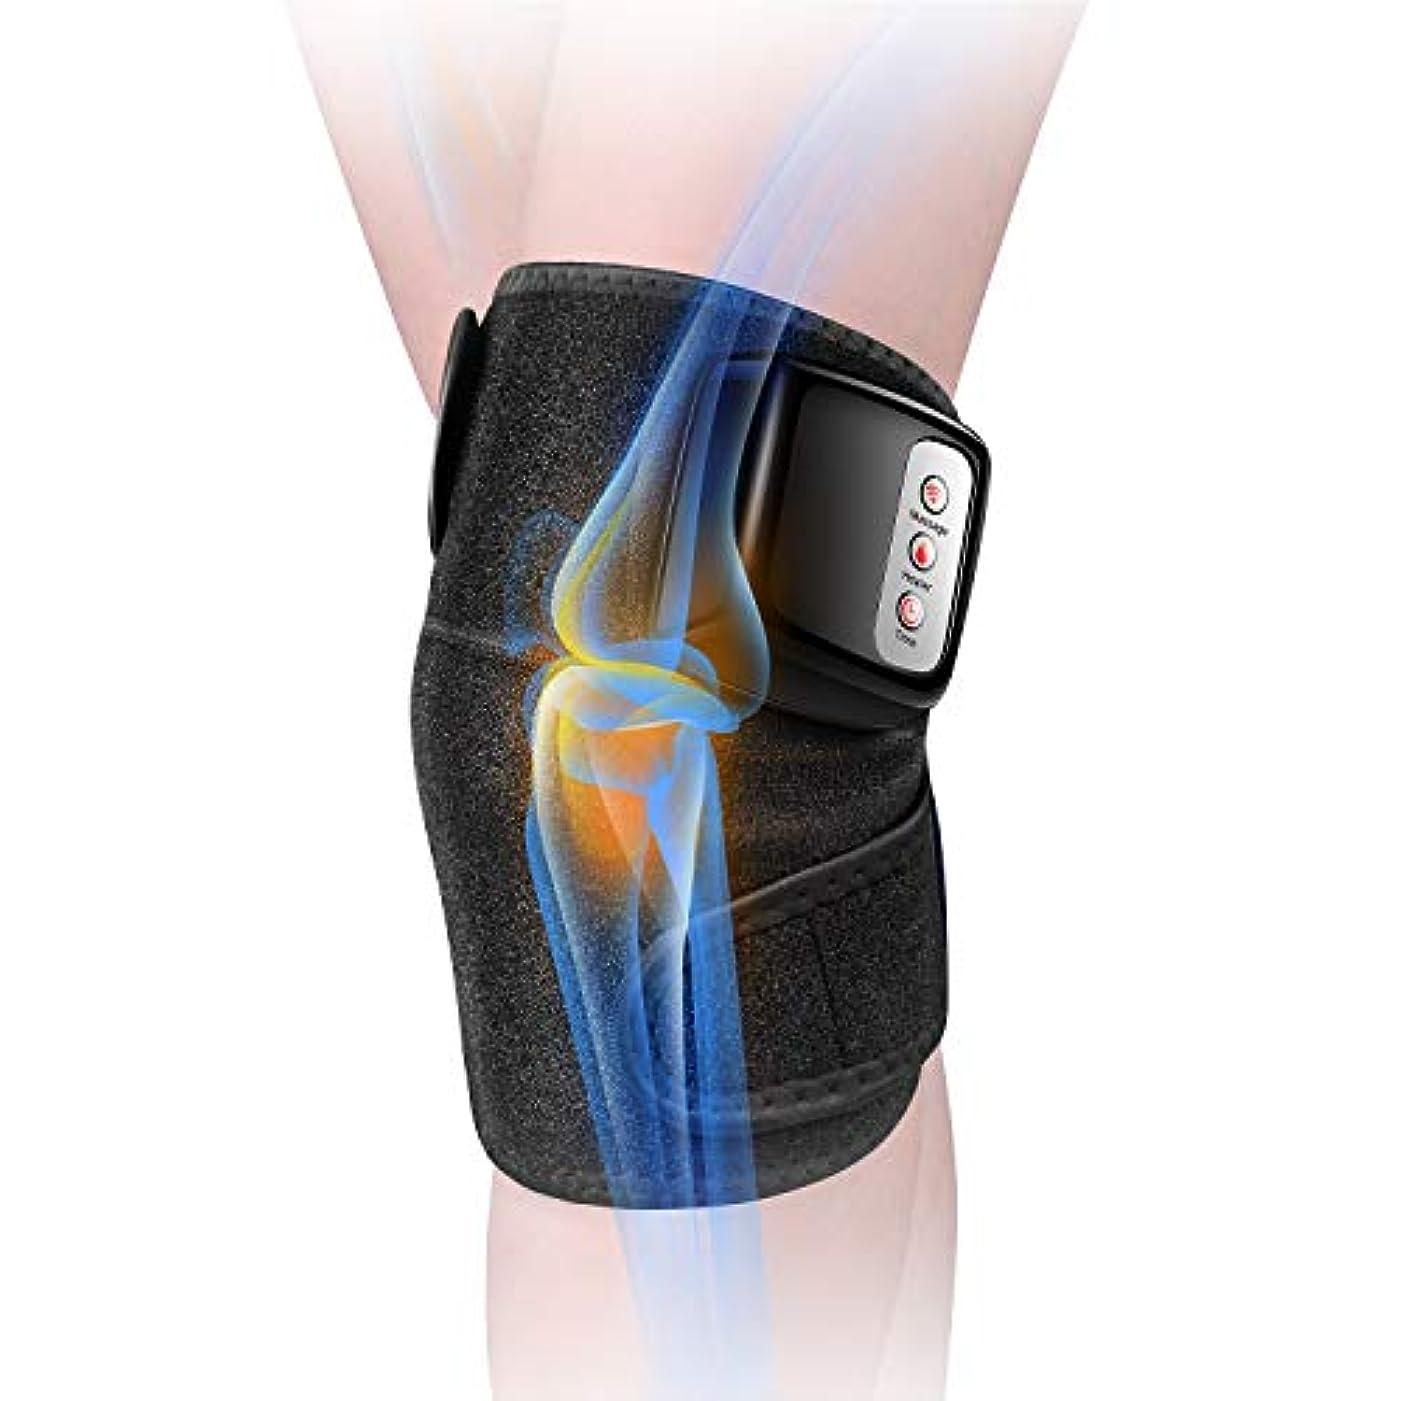 ベッドを作る誇大妄想残り物膝マッサージャー 関節マッサージャー マッサージ器 フットマッサージャー 振動 赤外線療法 温熱療法 膝サポーター ストレス解消 肩 太もも/腕対応